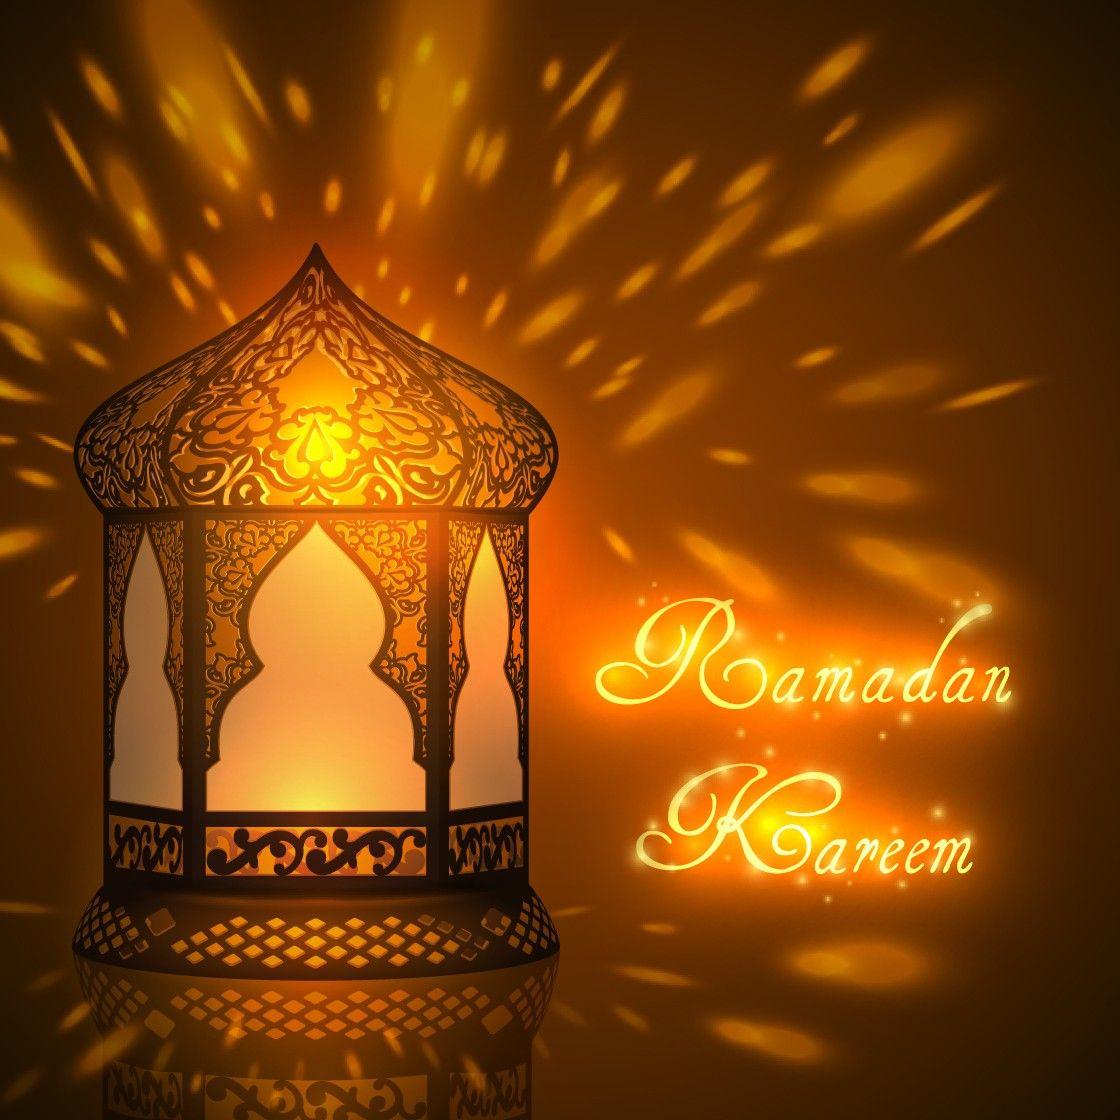 Ramadan Kareem HD Wallpapers - Free download latest Ramadan Kareem ... for Ramadan Kareem Wallpapers Hd  14lpgtk